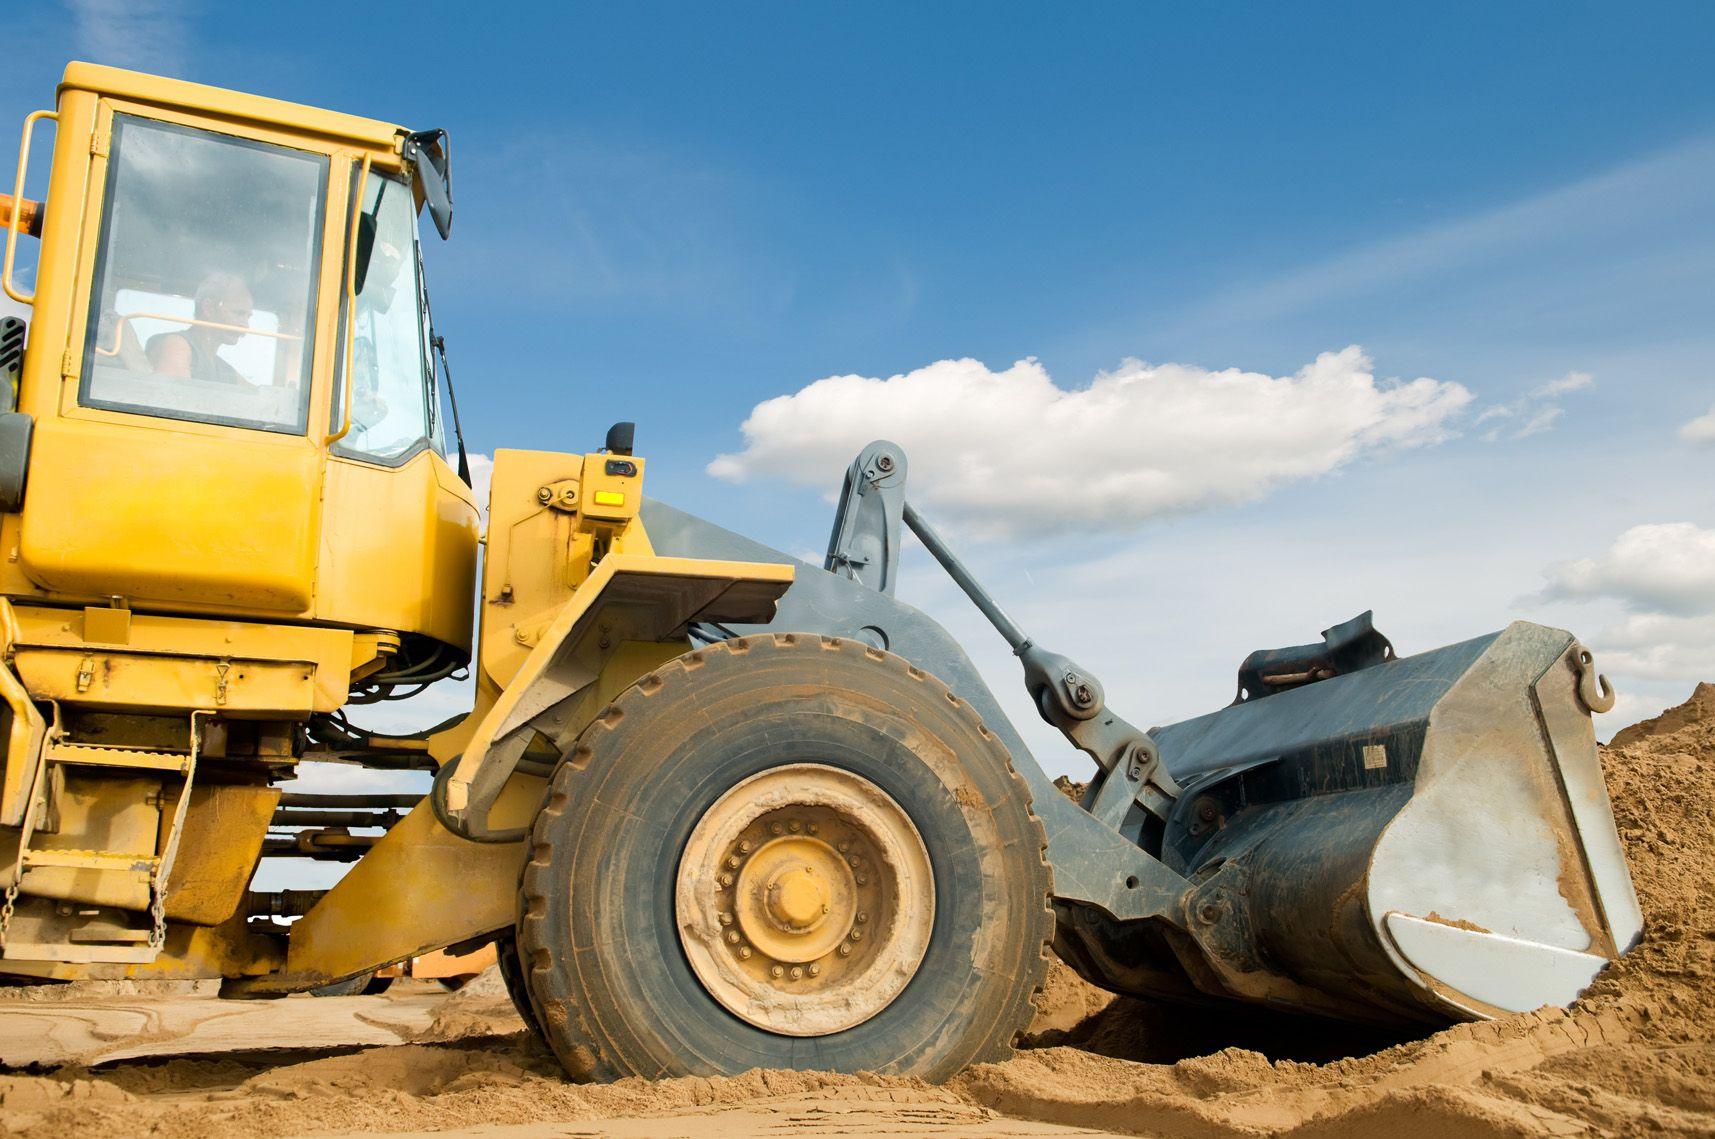 Maquina para Venta.  Camiones Fuera de Carretera CATERPILLAR - 740 COYAIMA TOLIMA COLOMBIA  Para mas detalles visitar el link: http://test.m4maquinas.com/maquina/detalle/699